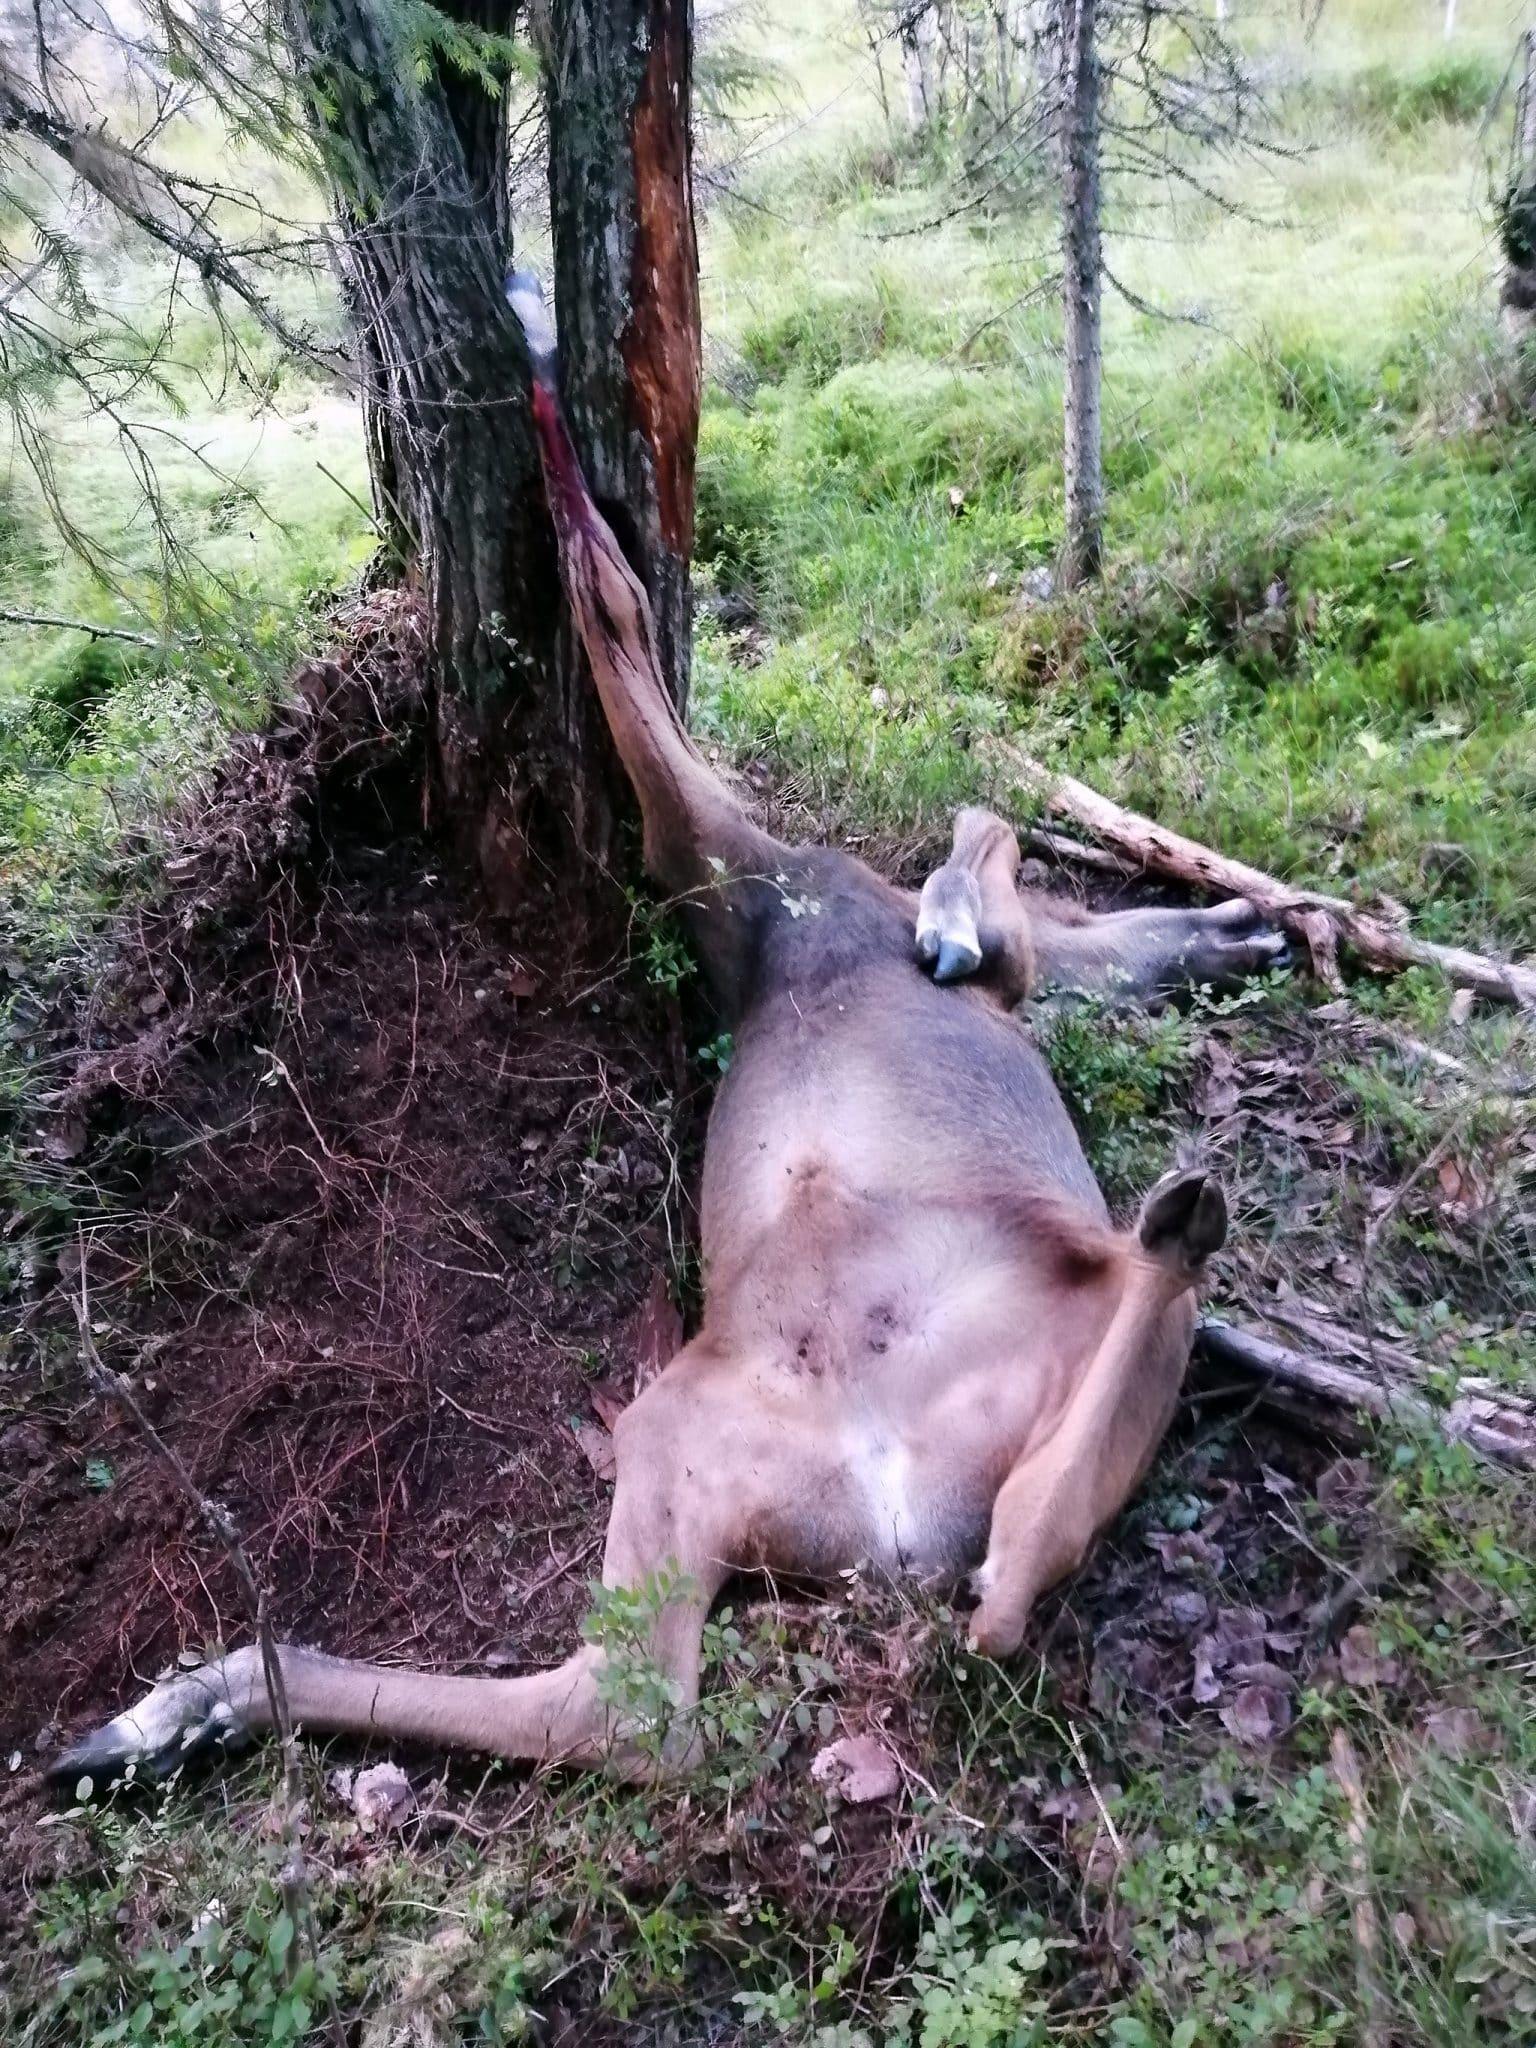 Tragedi i naturen. En älgkalv mötte en plågsam död sedan den fastnat i en klyka i en sälg.